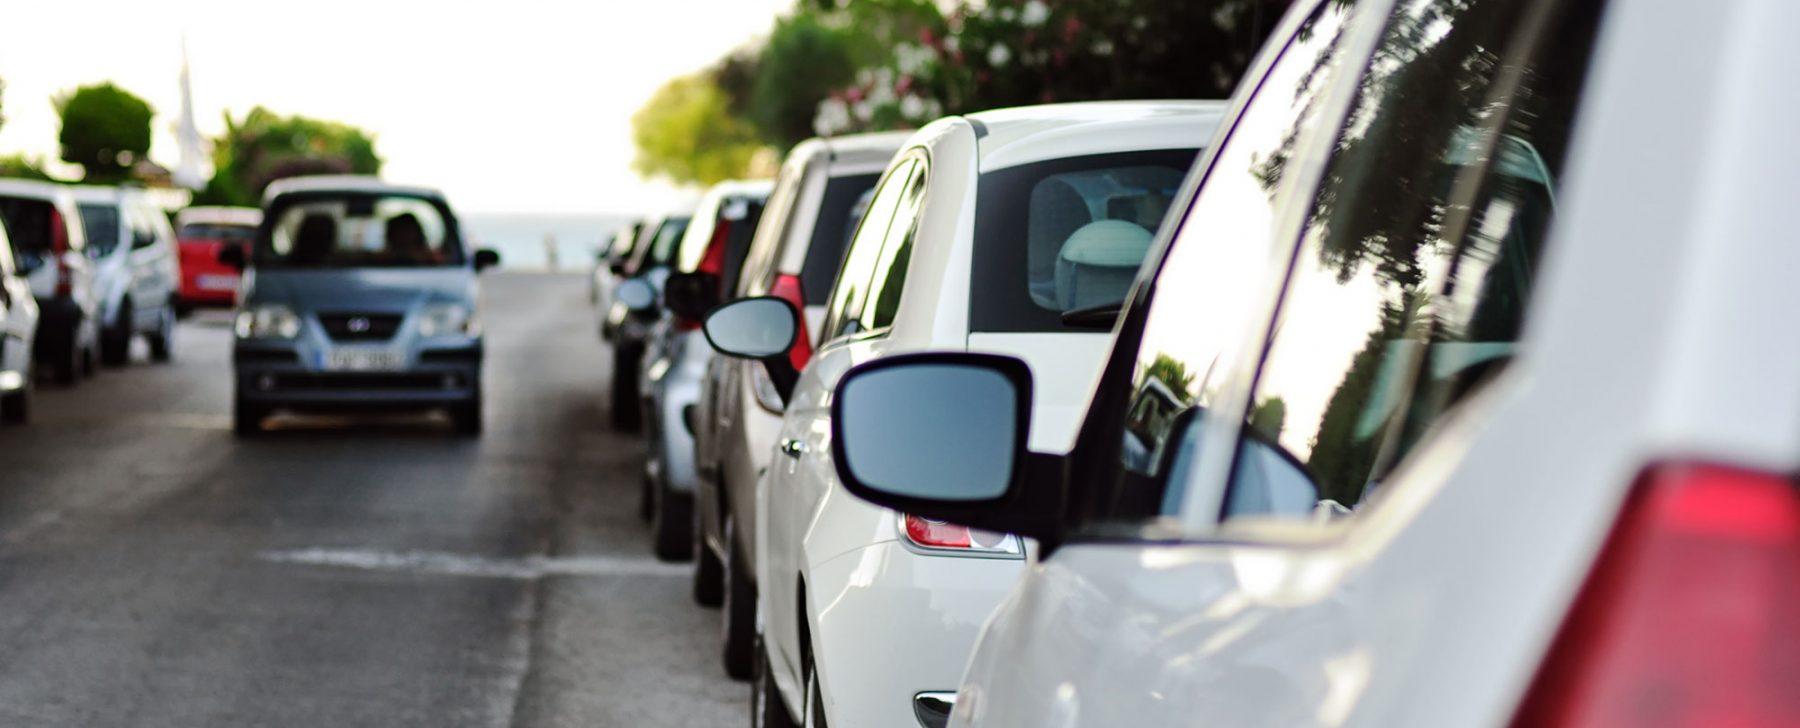 Como aparcar en ciudad